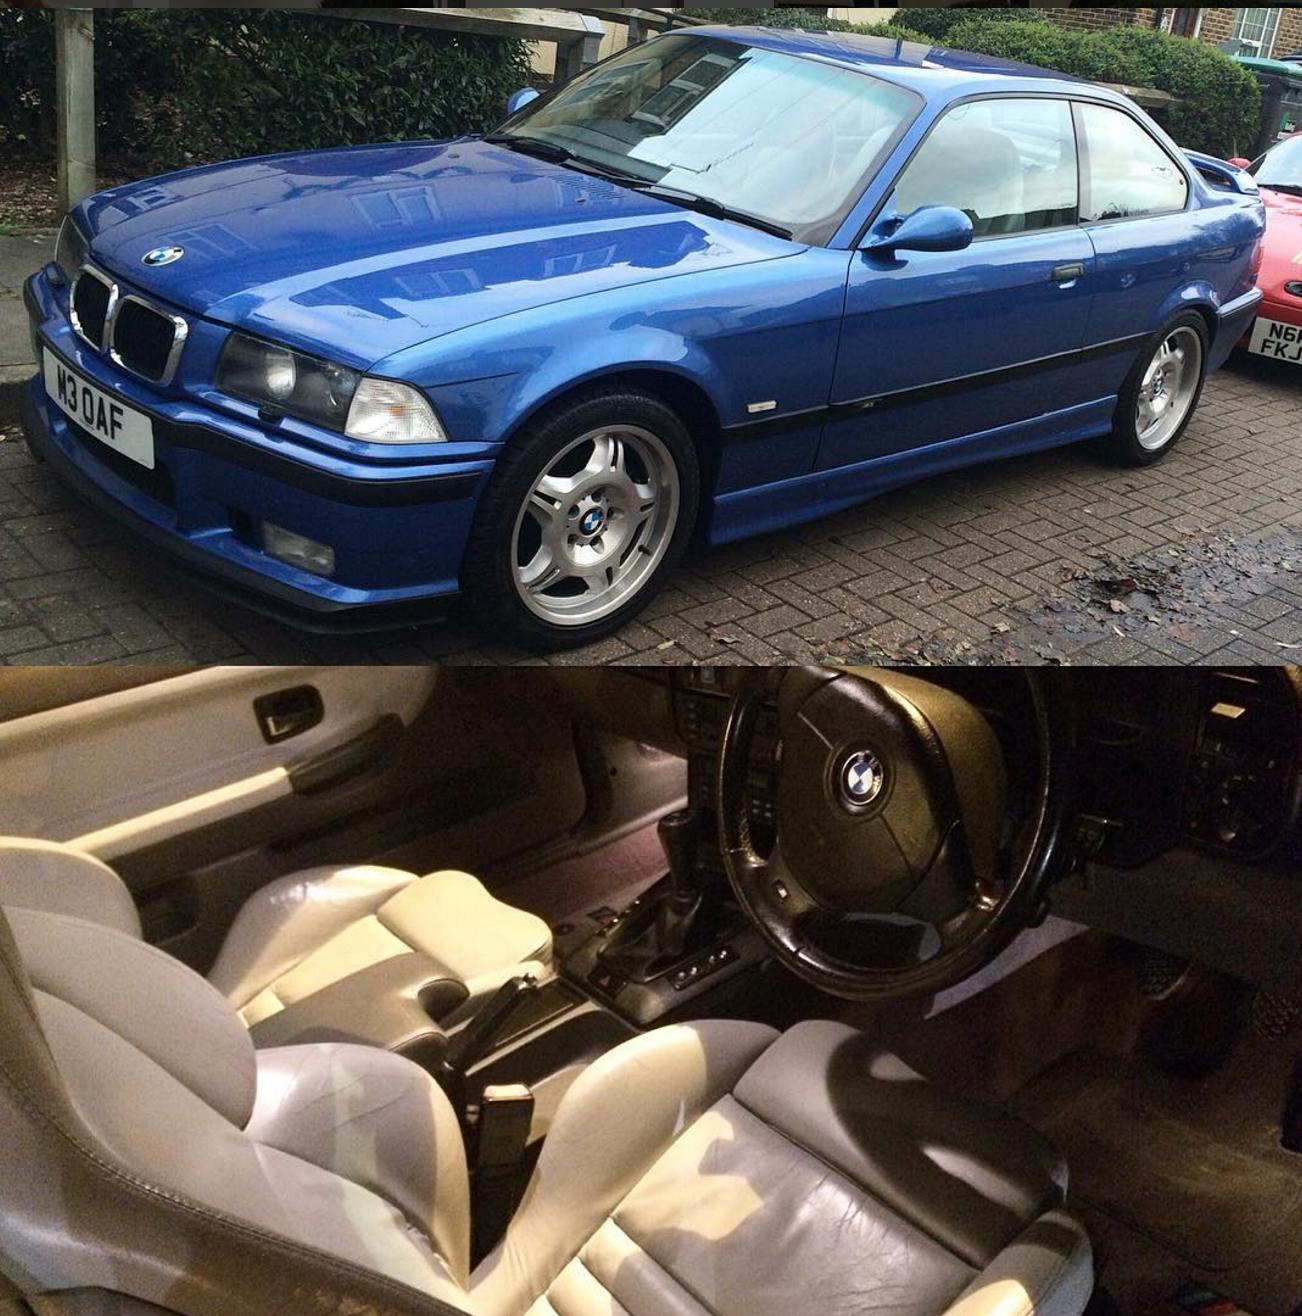 1997 Bmw M3: 1997 BMW BMW E36 M3 Evo